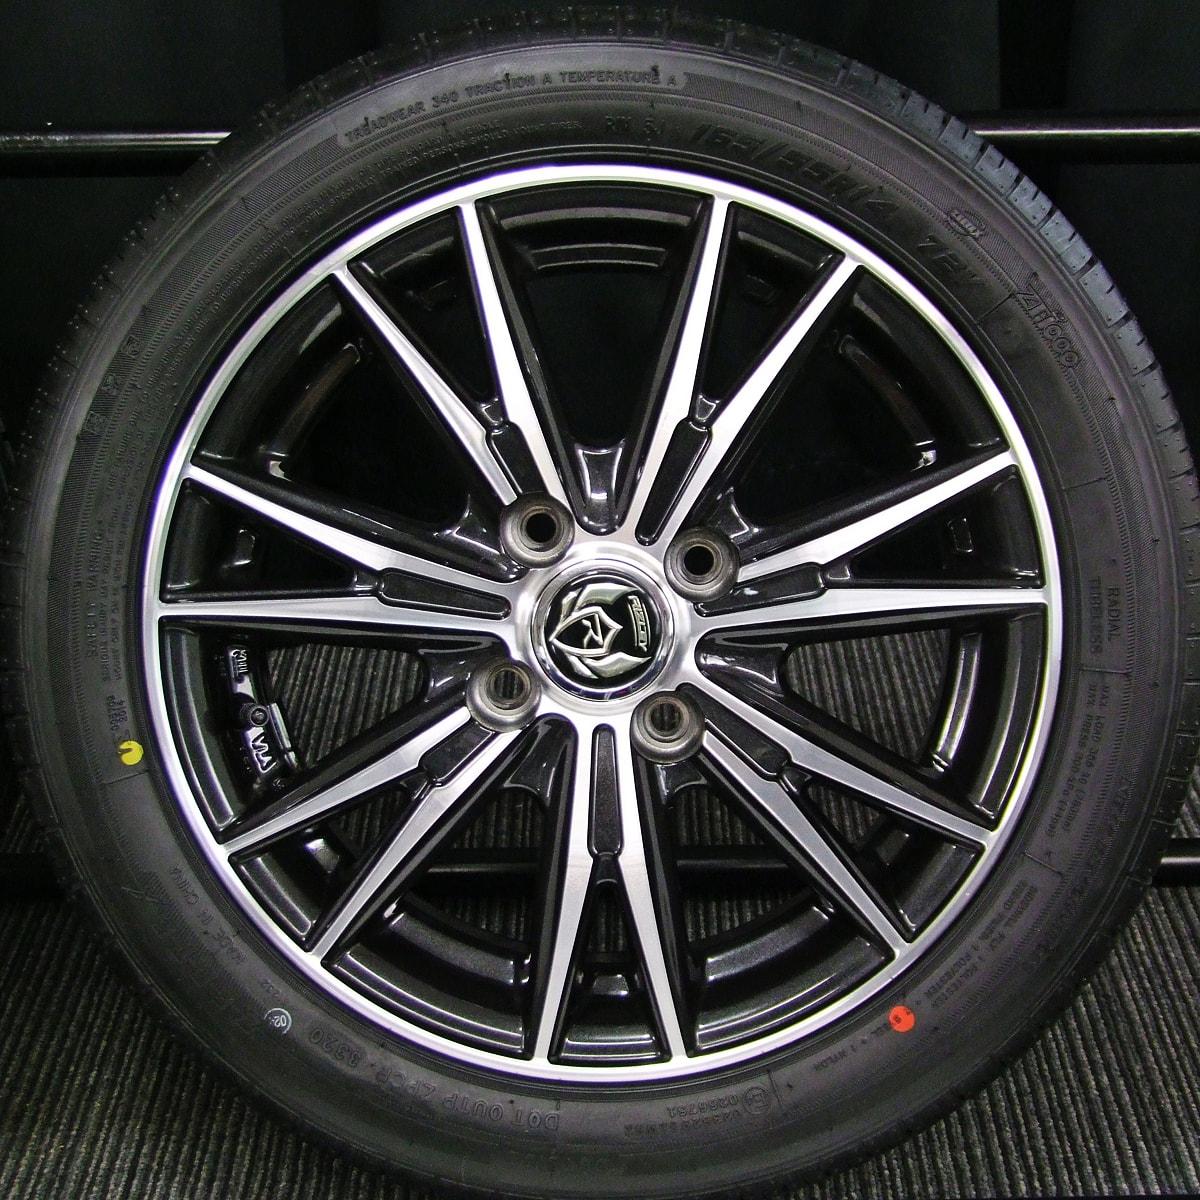 WEDS RIZLEY DK ブラック&ポリッシュ ZEETEX ZT1000 165/55R14 4本SET